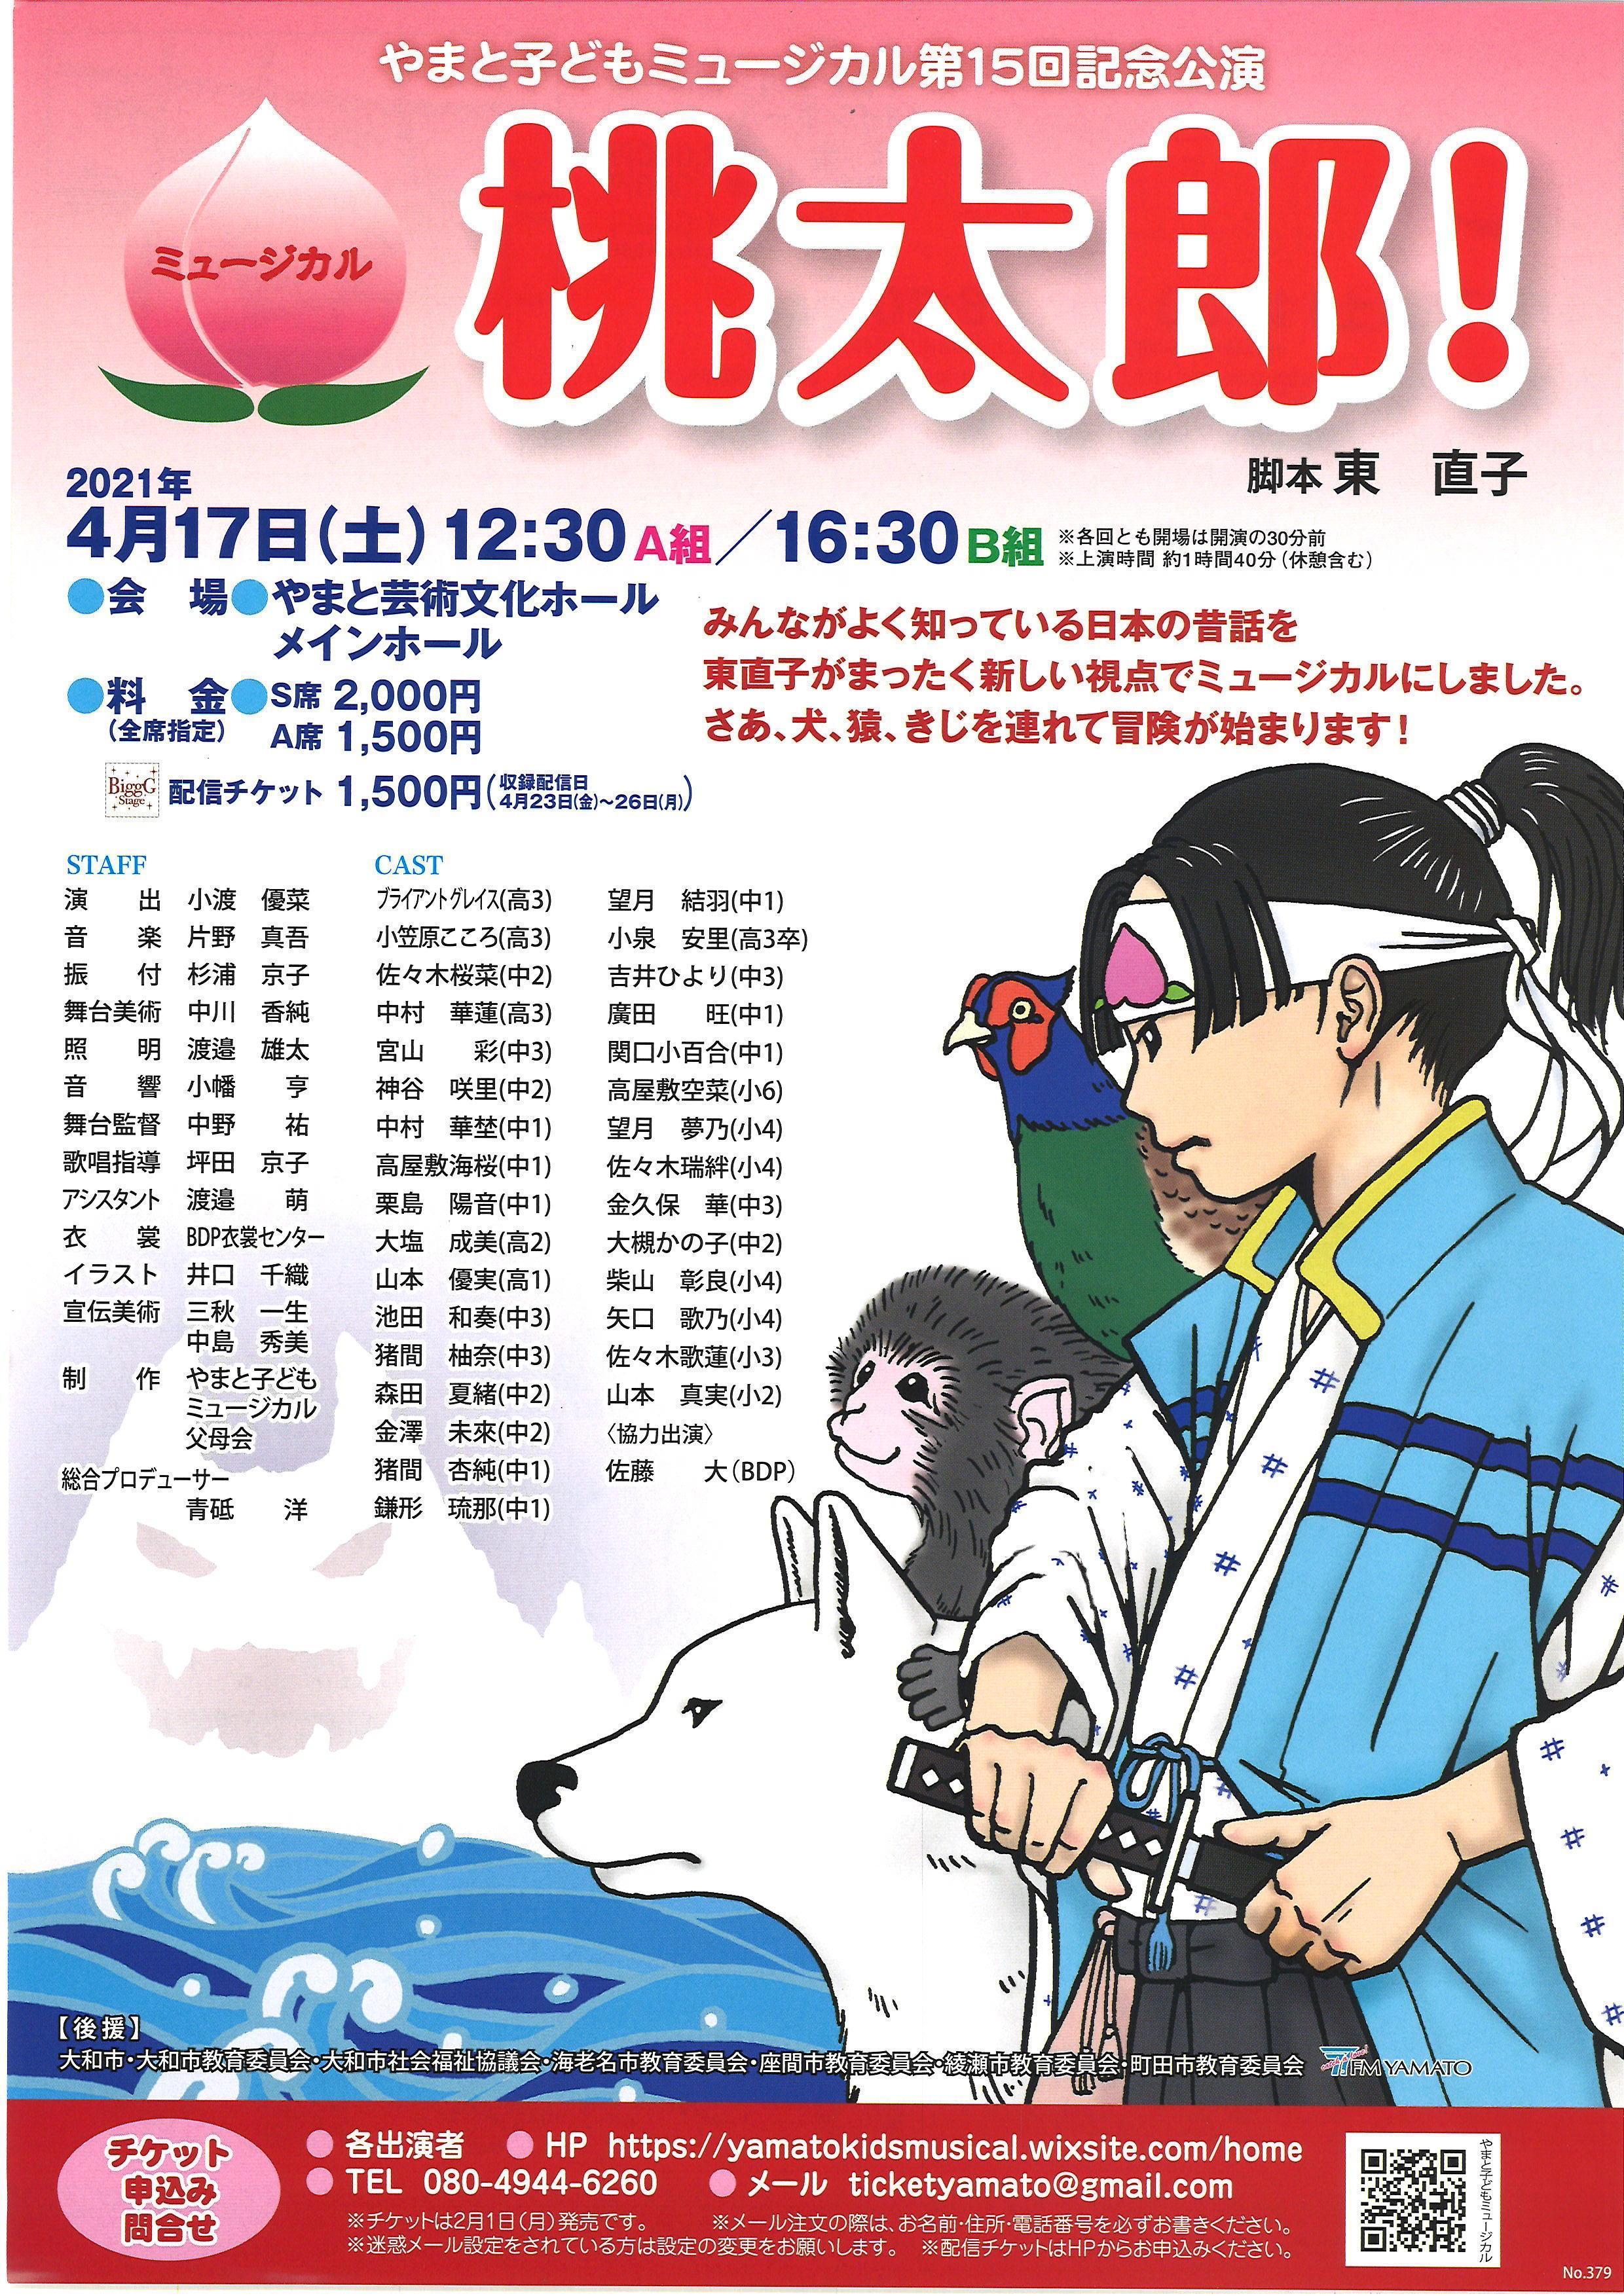 やまと子どもミュージカル 15回記念公演桃太郎!